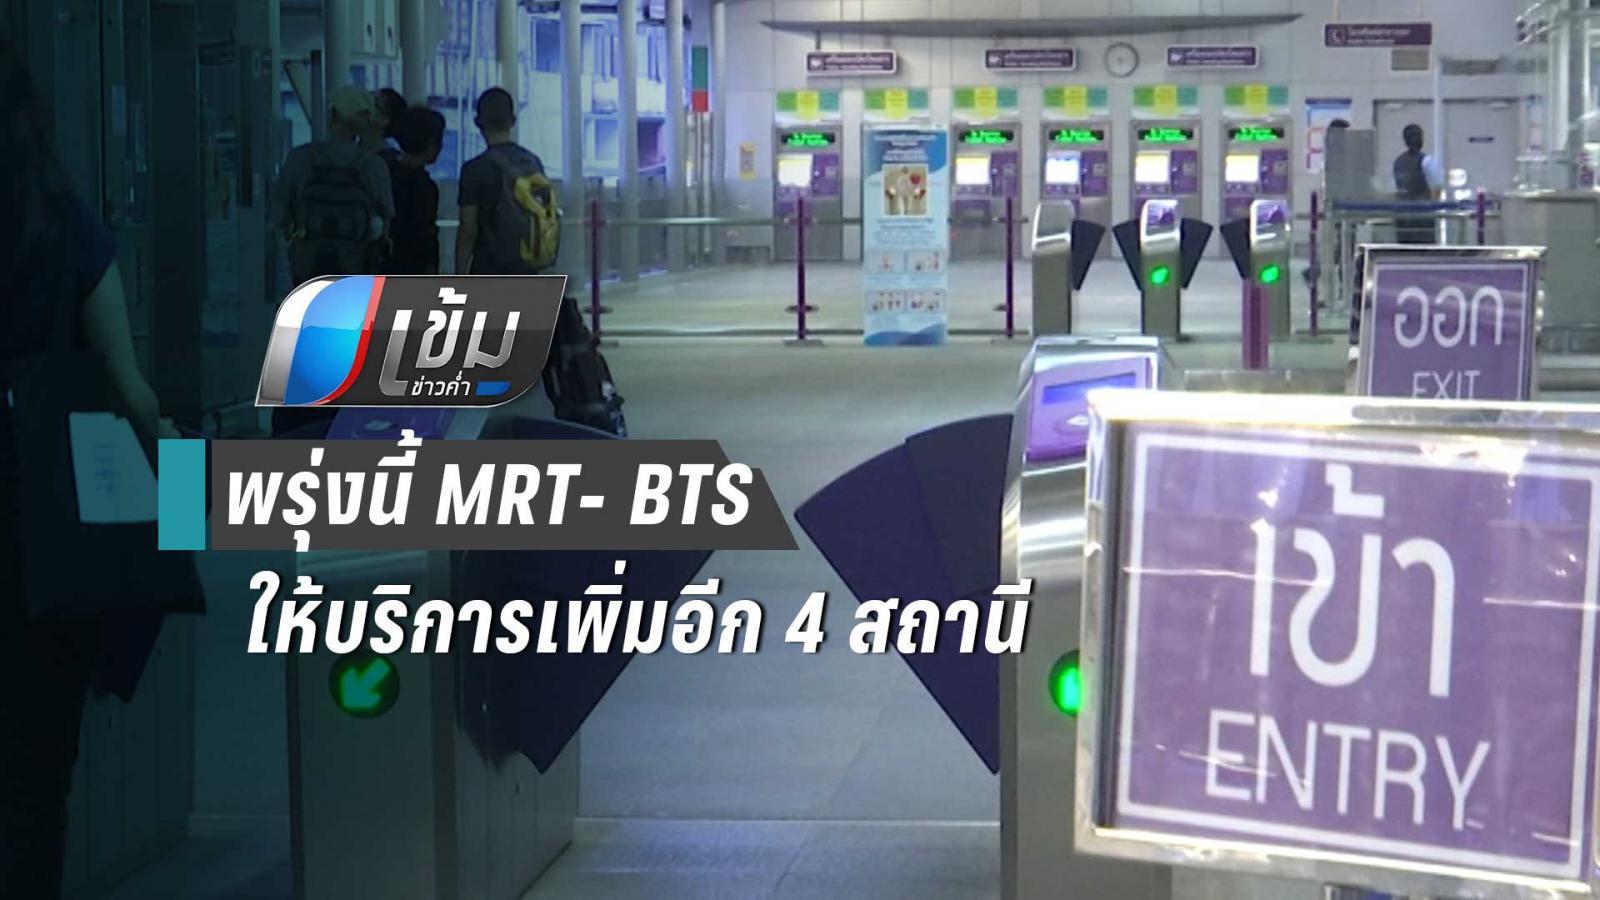 พรุ่งนี้รถไฟฟ้า MRT และ BTS เปิดให้บริการเพิ่มอีก 4 สถานี